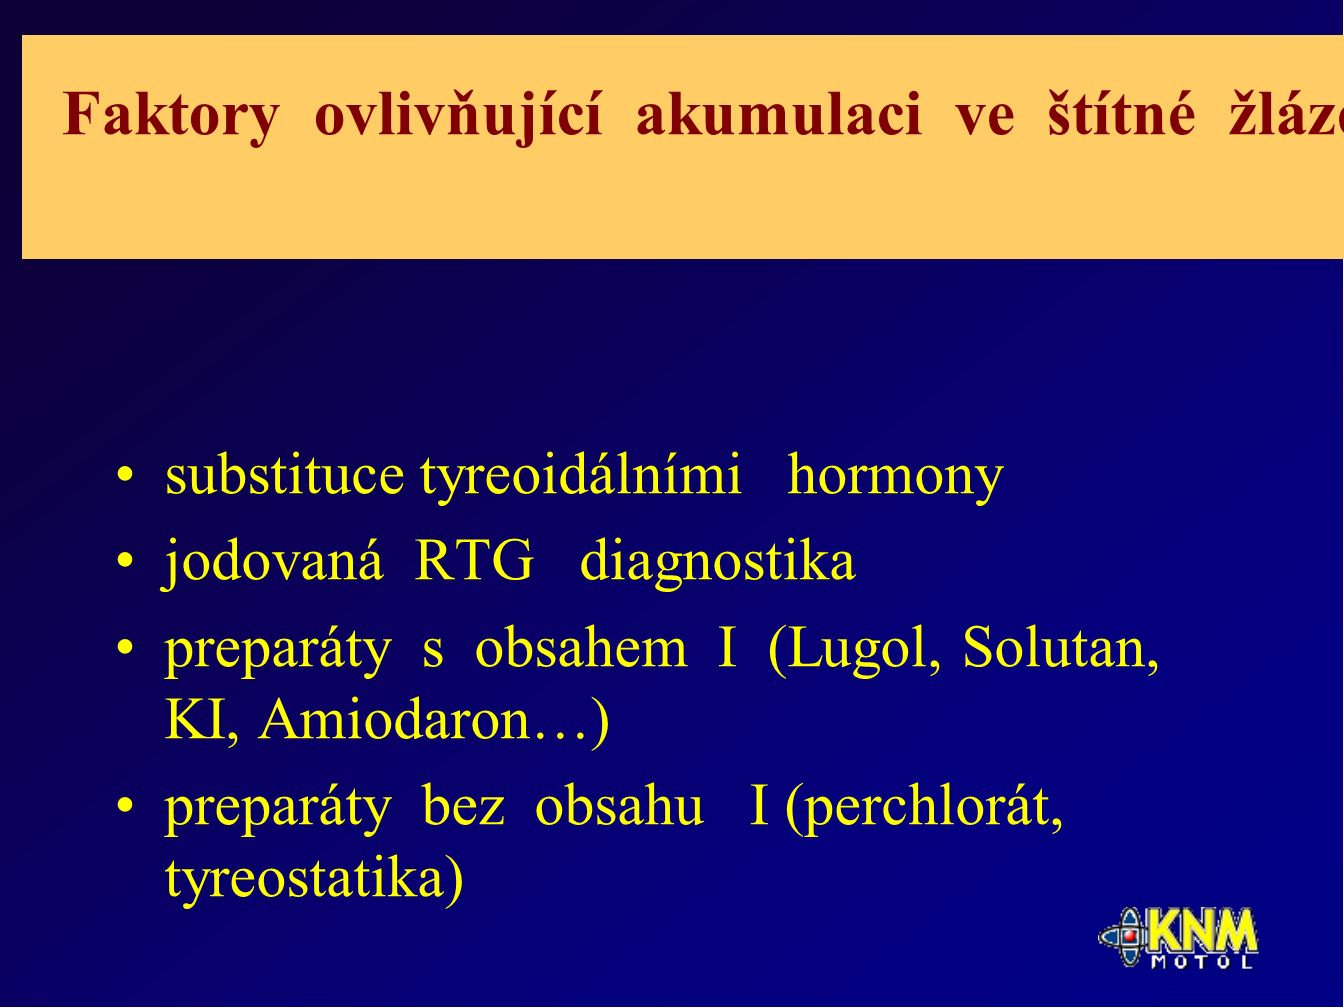 Faktory ovlivňující akumulaci ve štítné žláze substituce tyreoidálními hormony jodovaná RTG diagnostika preparáty s obsahem I (Lugol, Solutan, KI, Amiodaron…) preparáty bez obsahu I (perchlorát, tyreostatika)